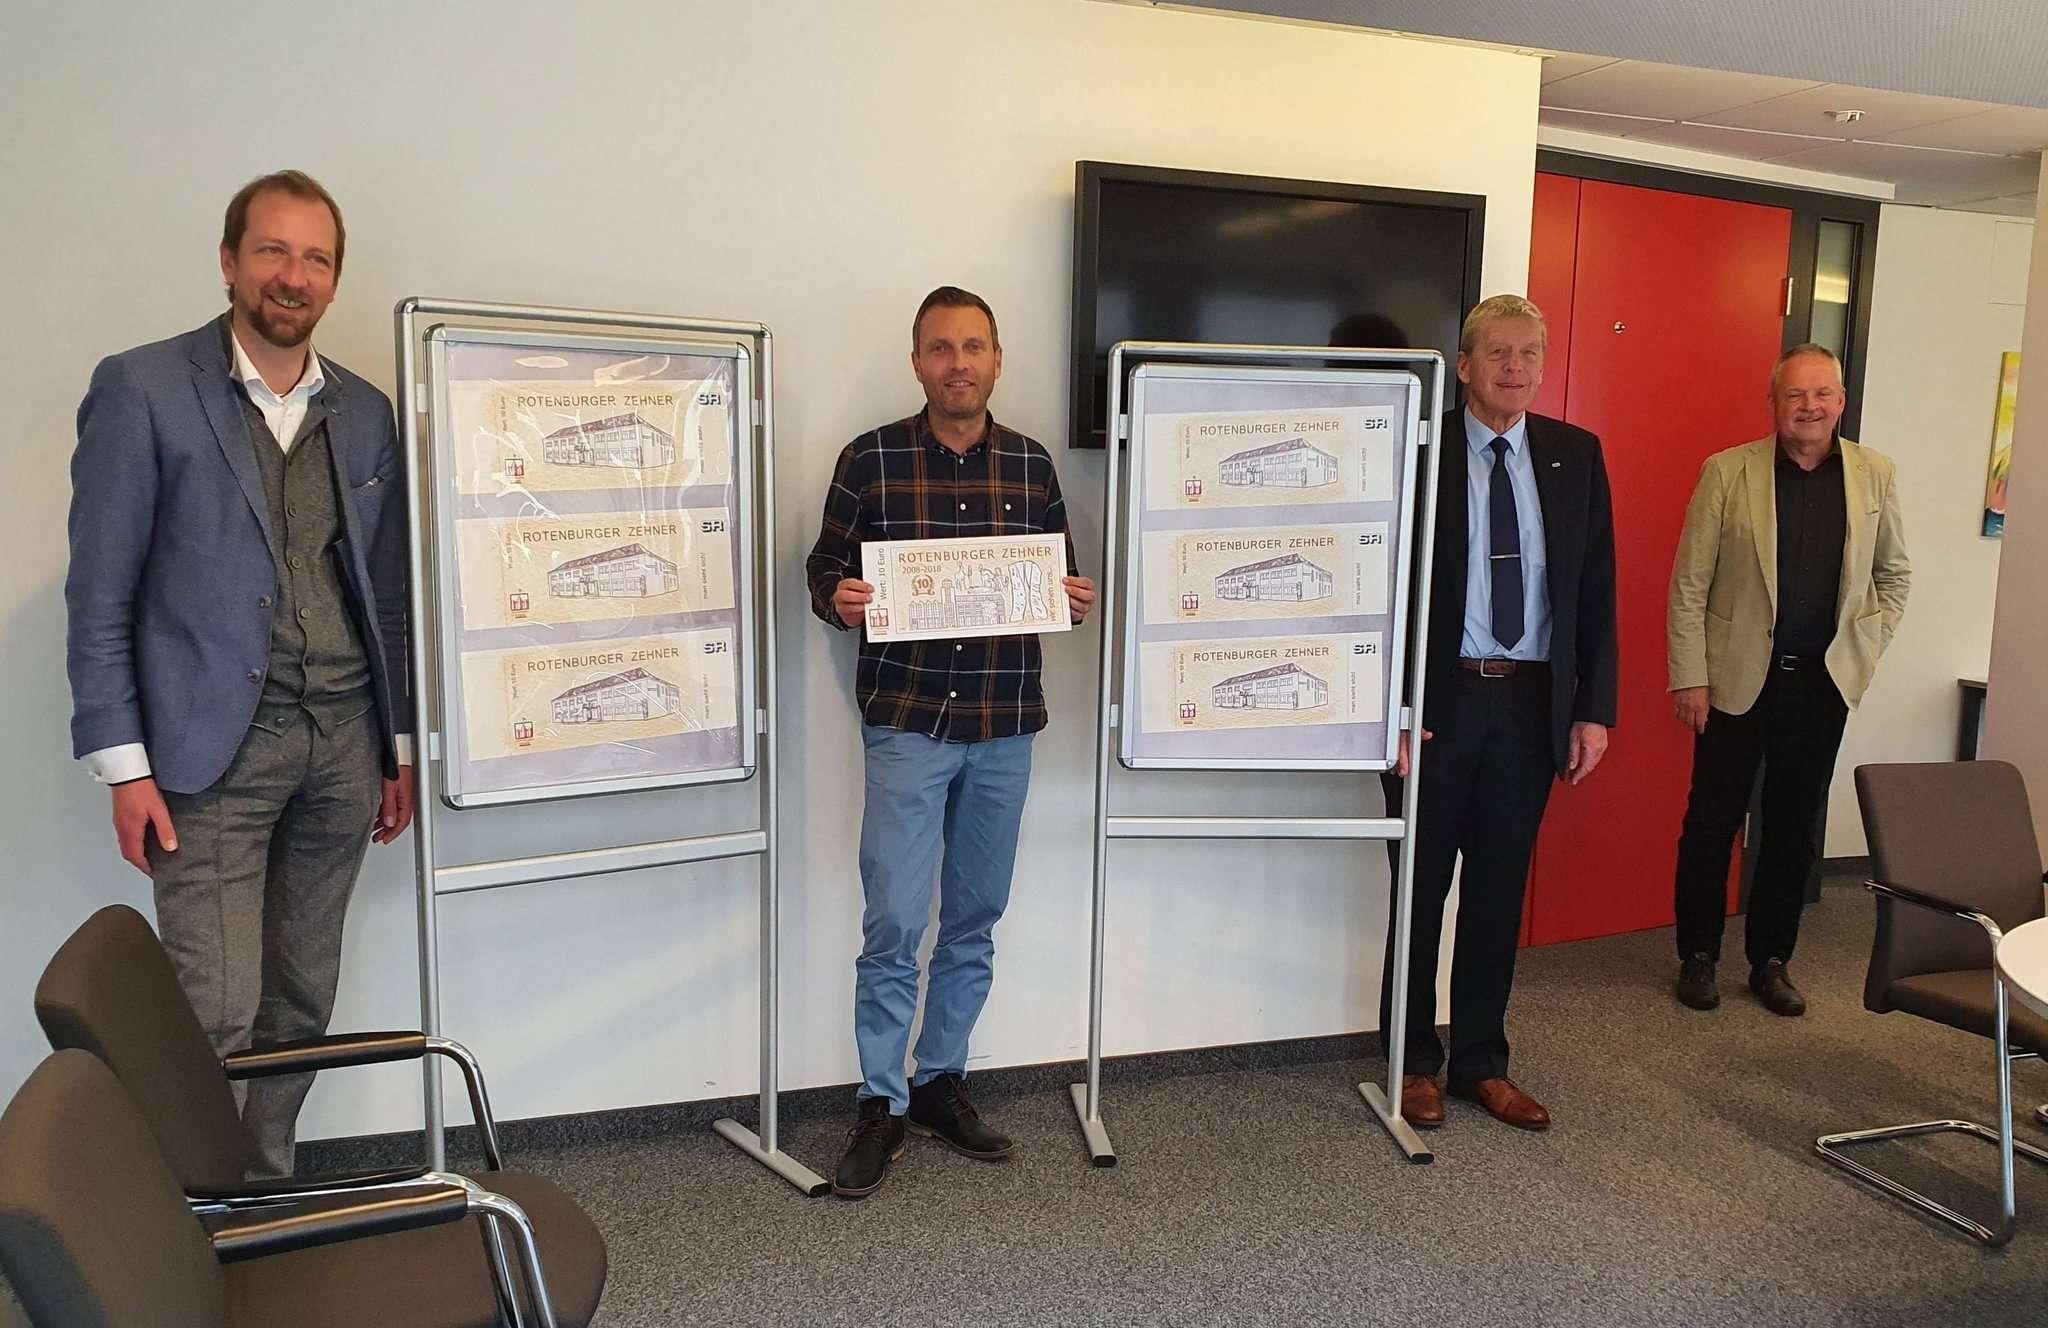 Heiko Kehrstephan vom Wirtschaftsforum, der Leiter des Infobüros Benjamin Roolfs, Stadtwerke-Geschäftsführer Reinhard David und Bürgermeister Andreas Weber werben für die Aktion.